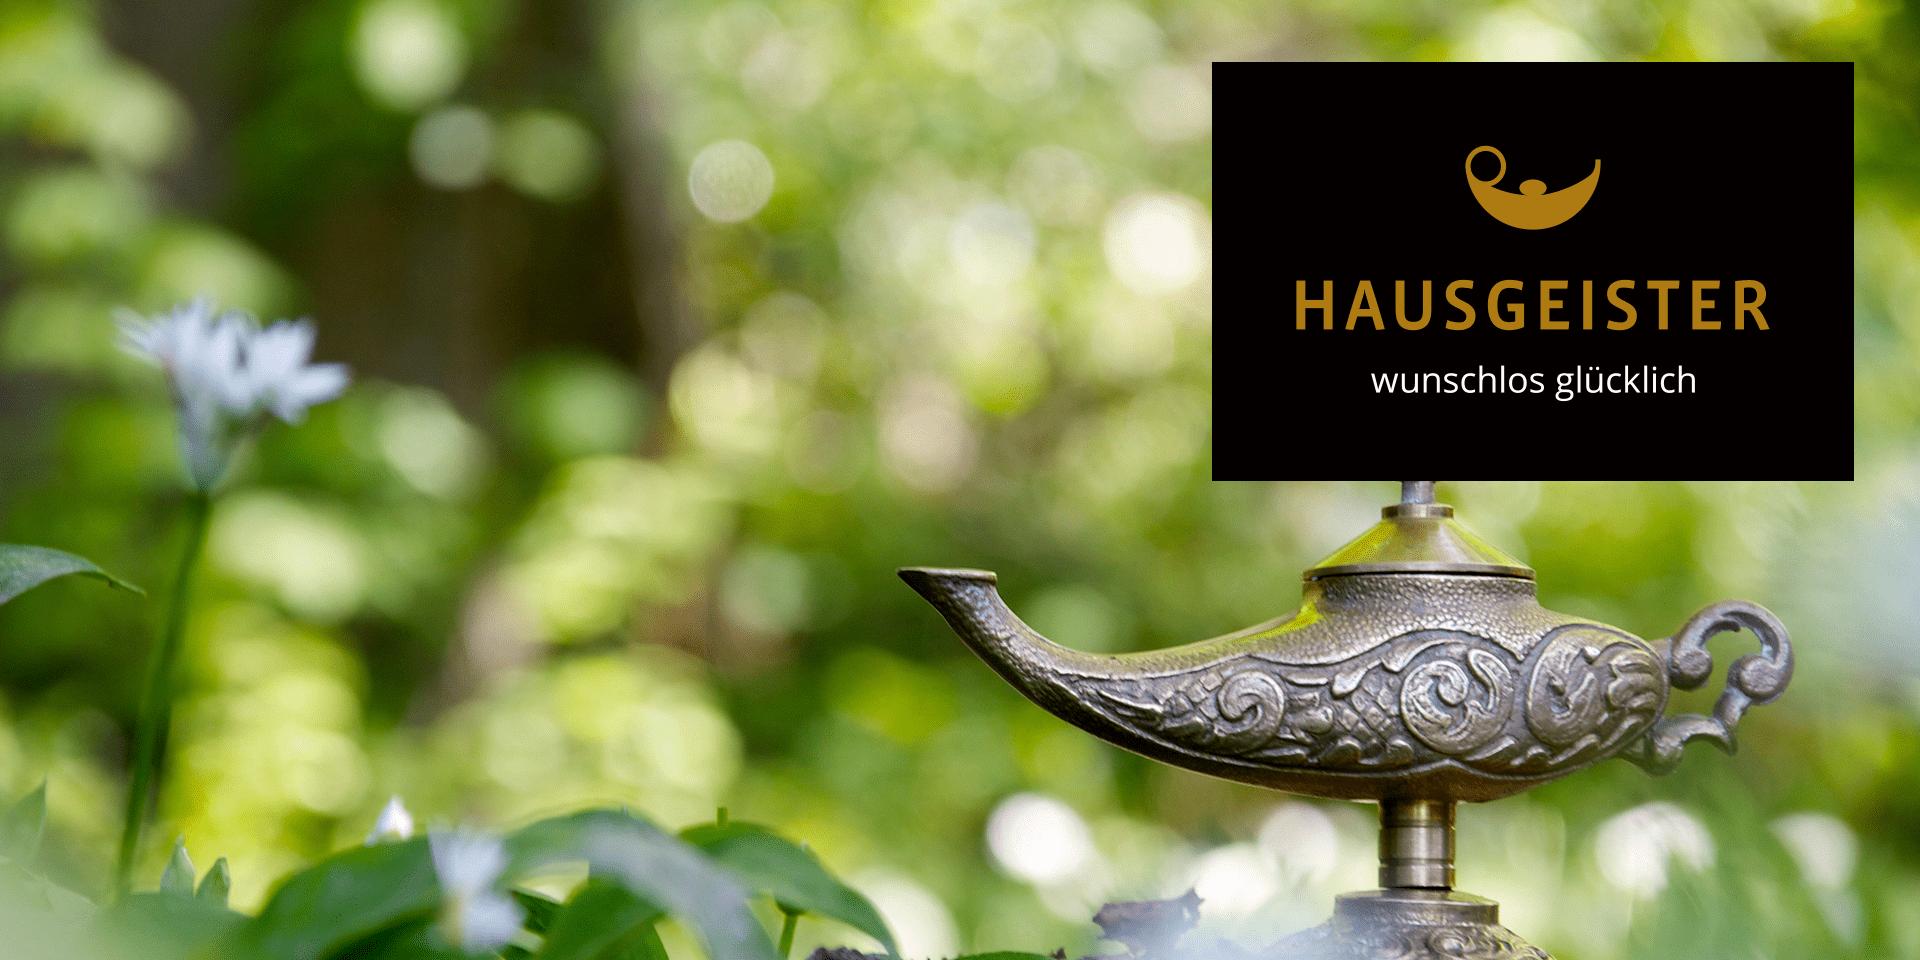 hausgeister_header_logo